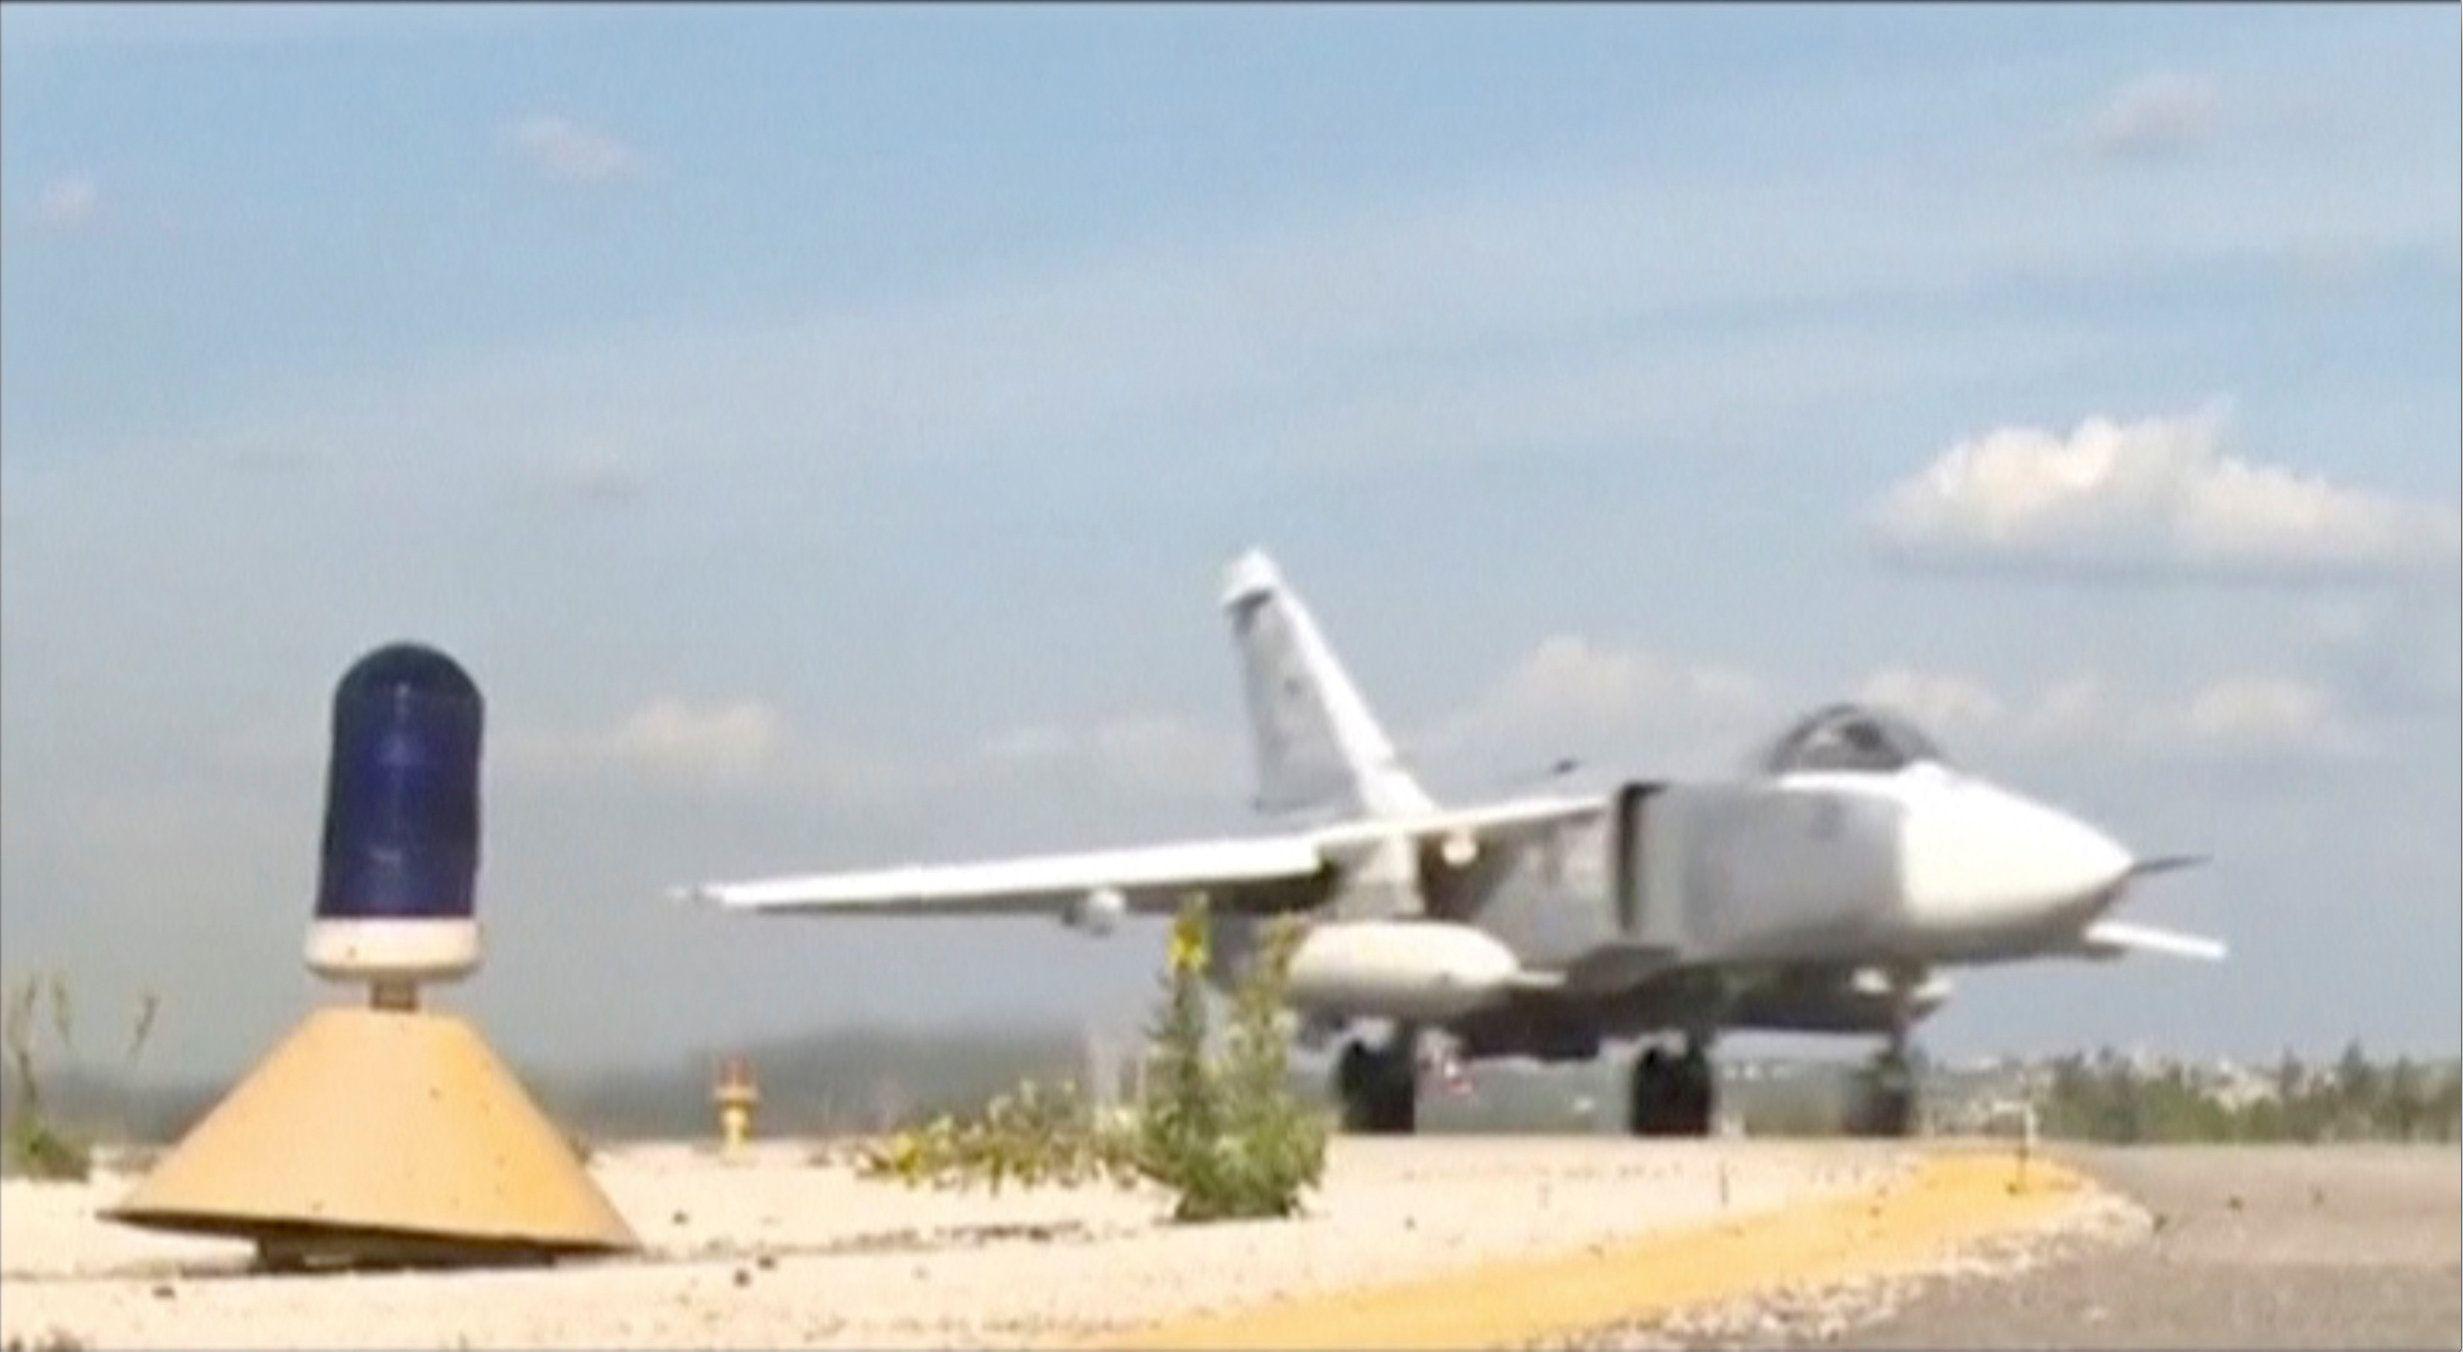 Российский военный самолет Су-24, взлетевший на авиабазе Хмеймим вблизи Латакии.